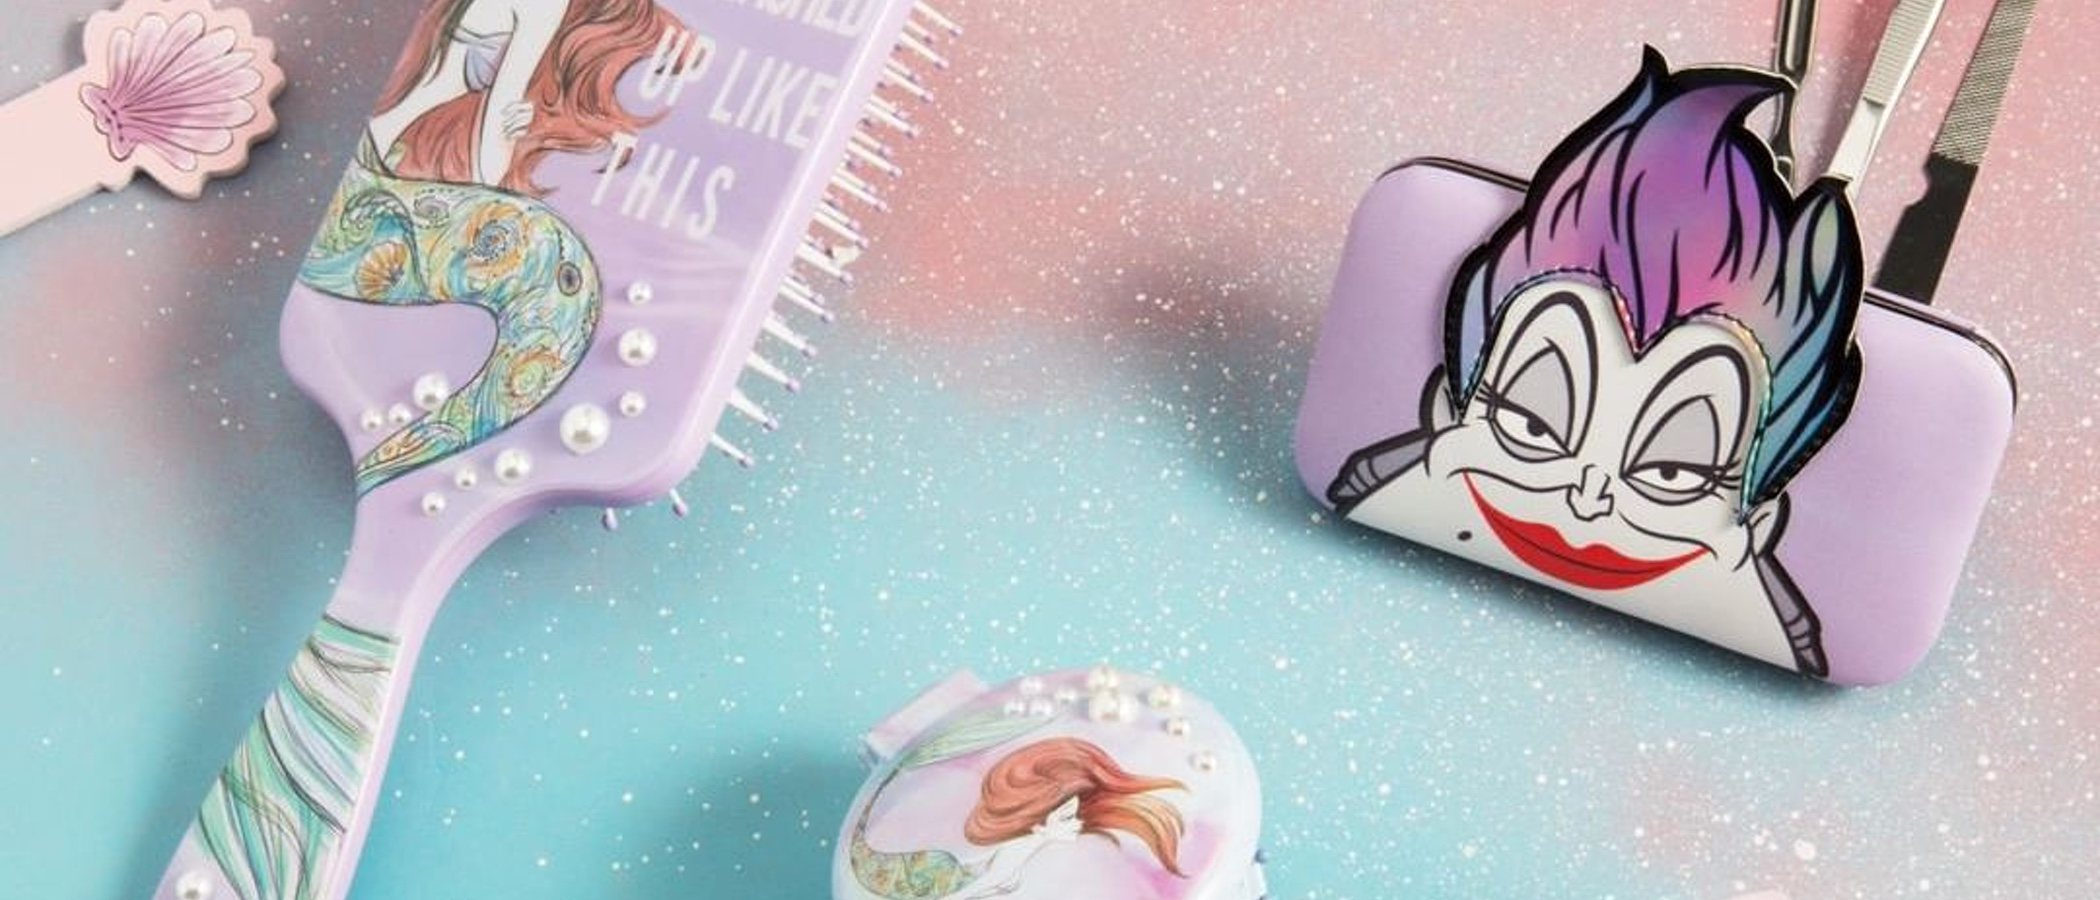 Primark arriesga y convierte a 'La Sirenita' en la protagonista de su nueva colección beauty